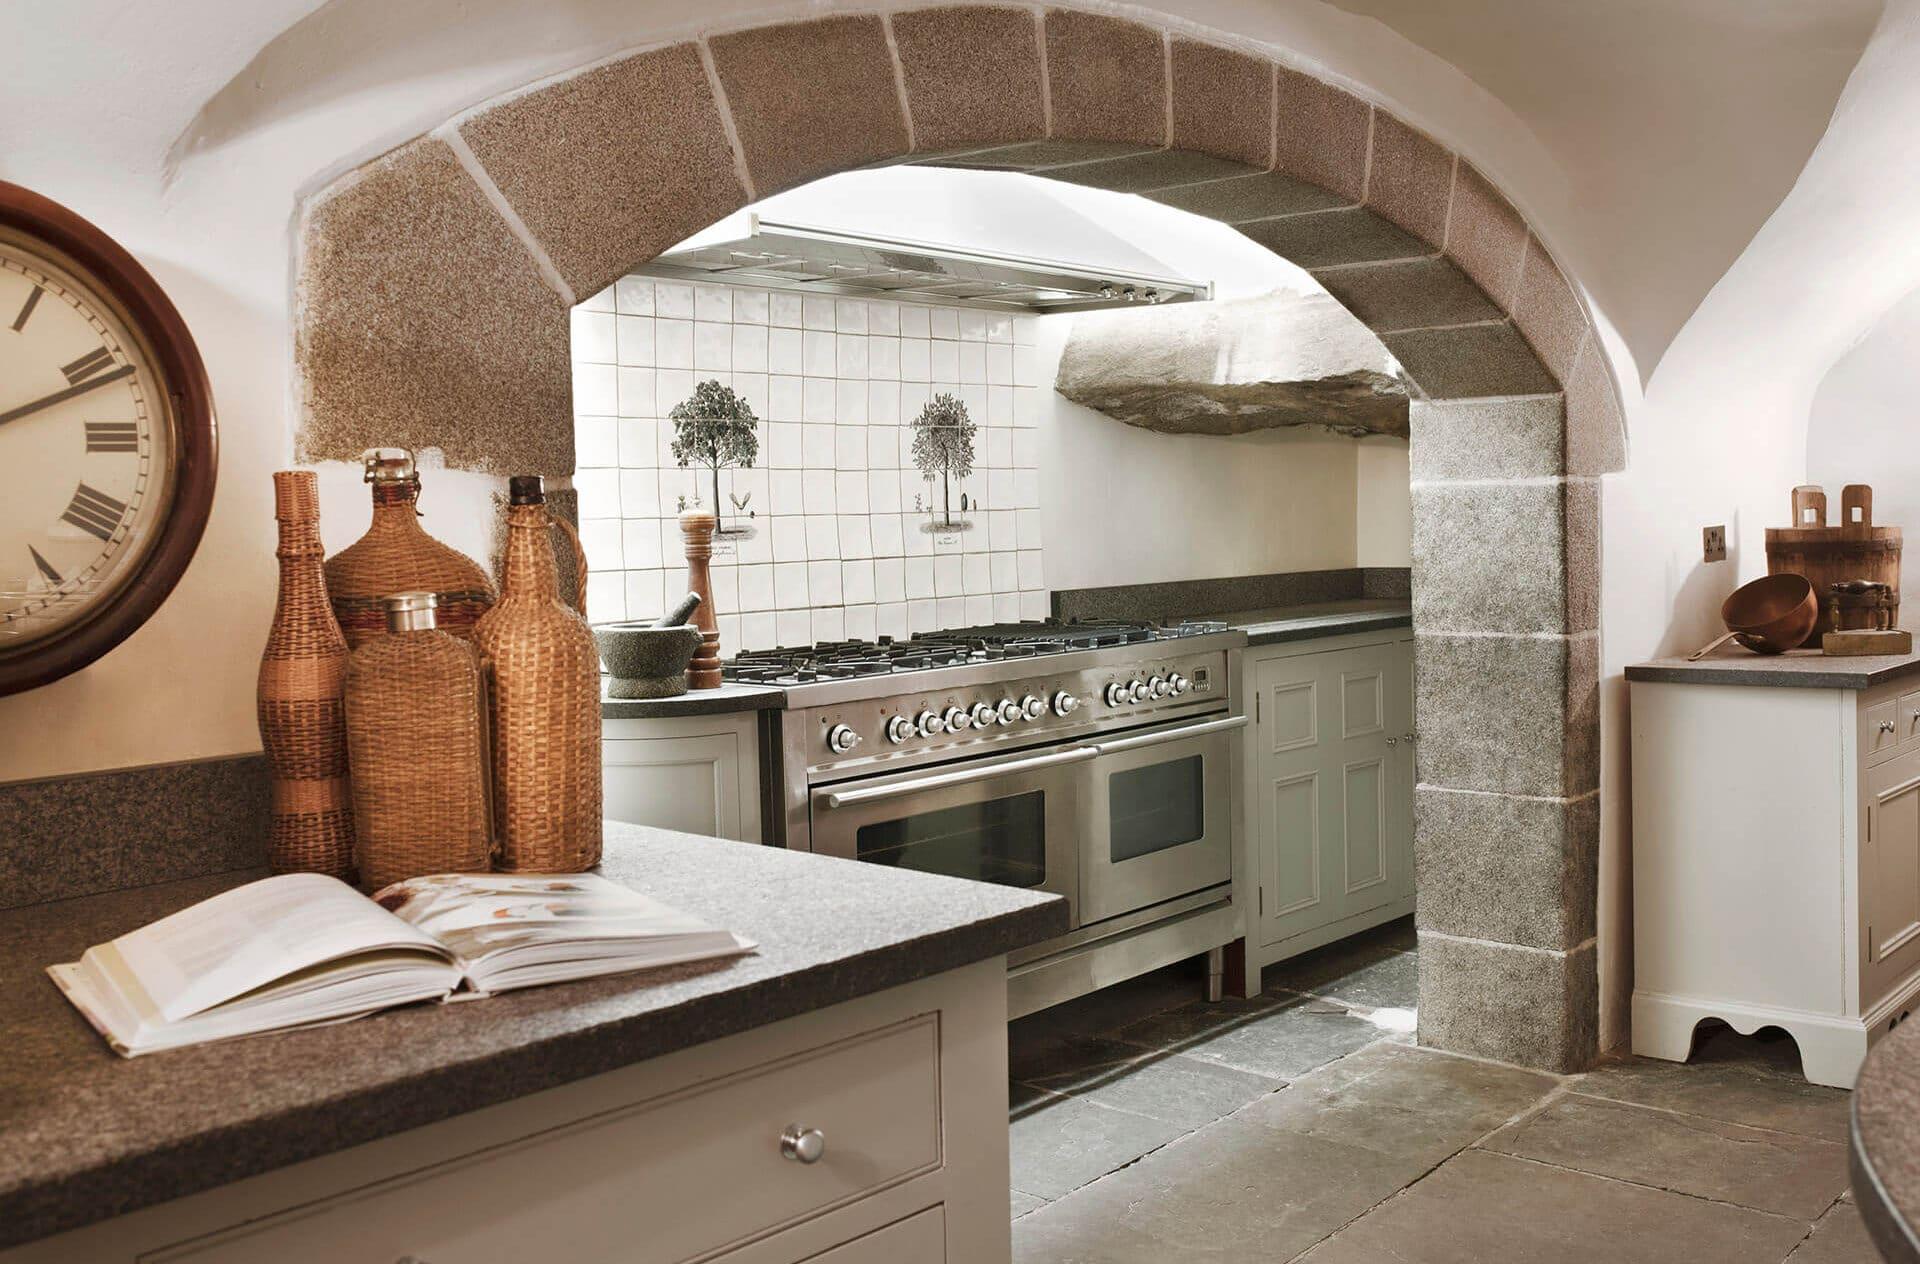 kitchen in scottish castle